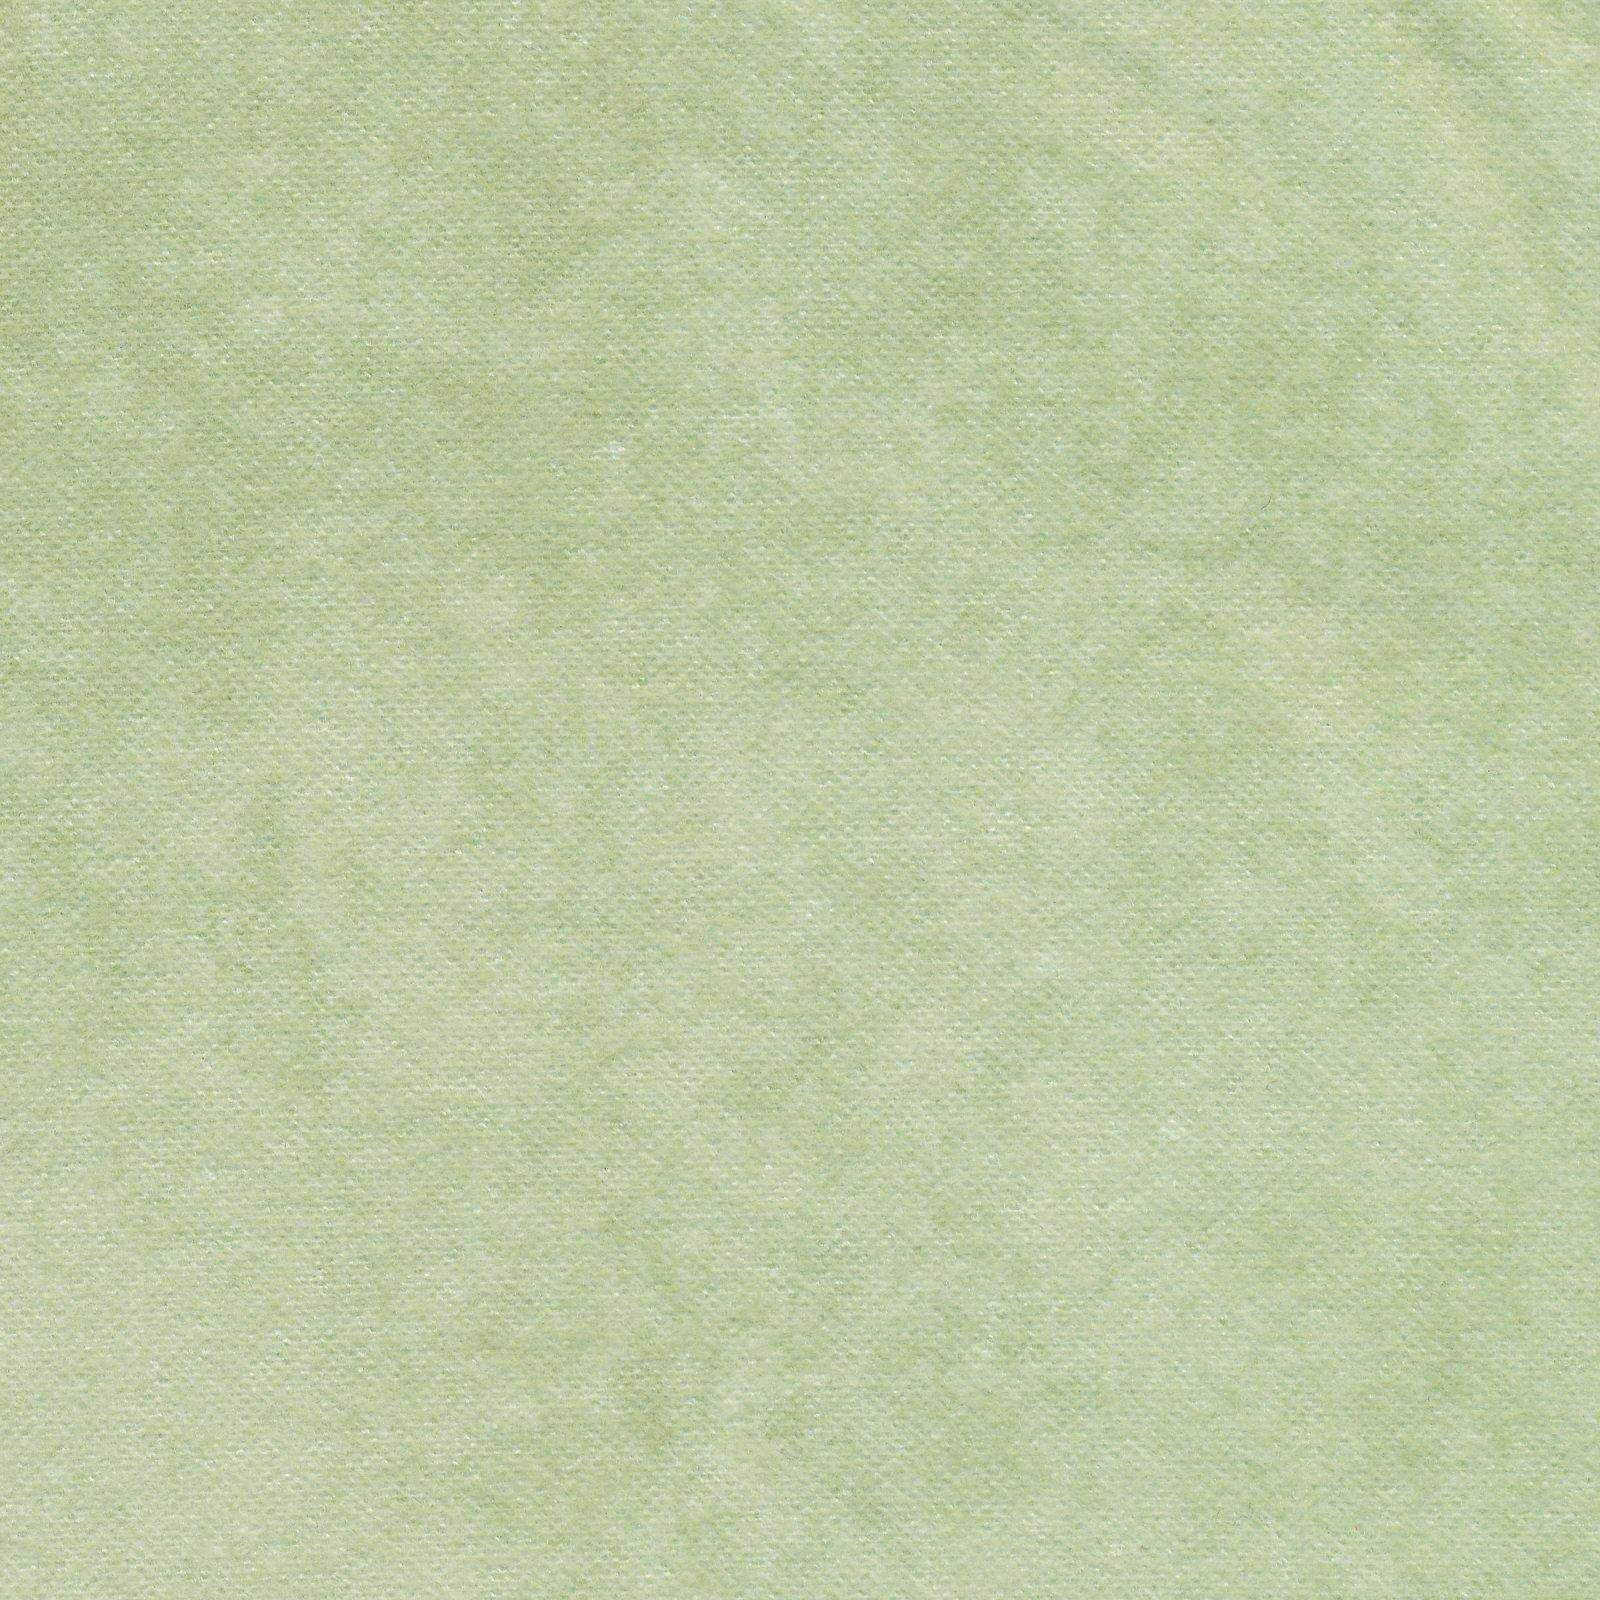 Shadow Play Flannel - Full Bolt - MASF513-G61 - FB